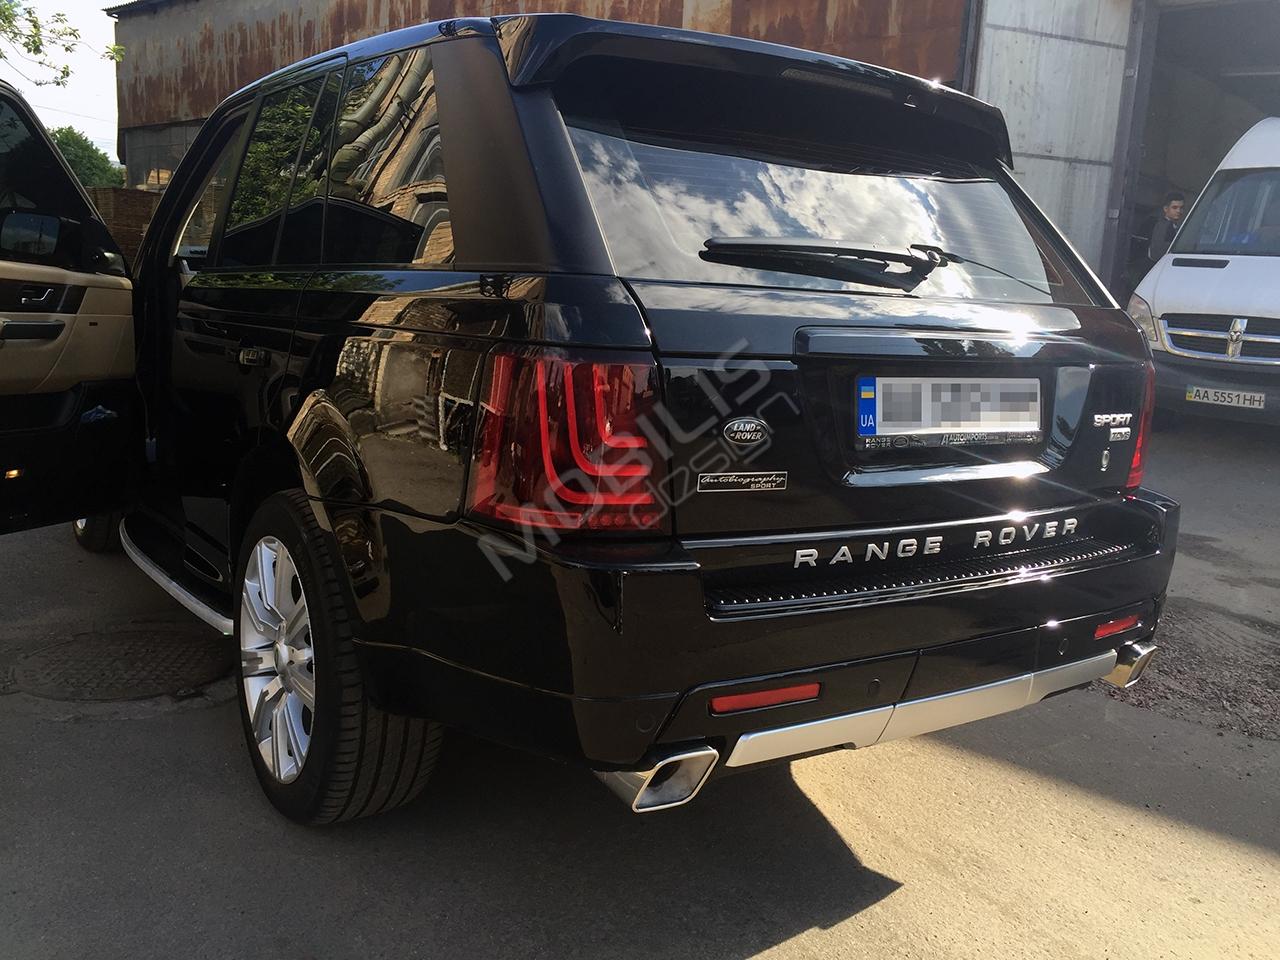 Range Rover SPORT 2006 - рестайлинг в 2010 год + установка обвеса Autobiography.